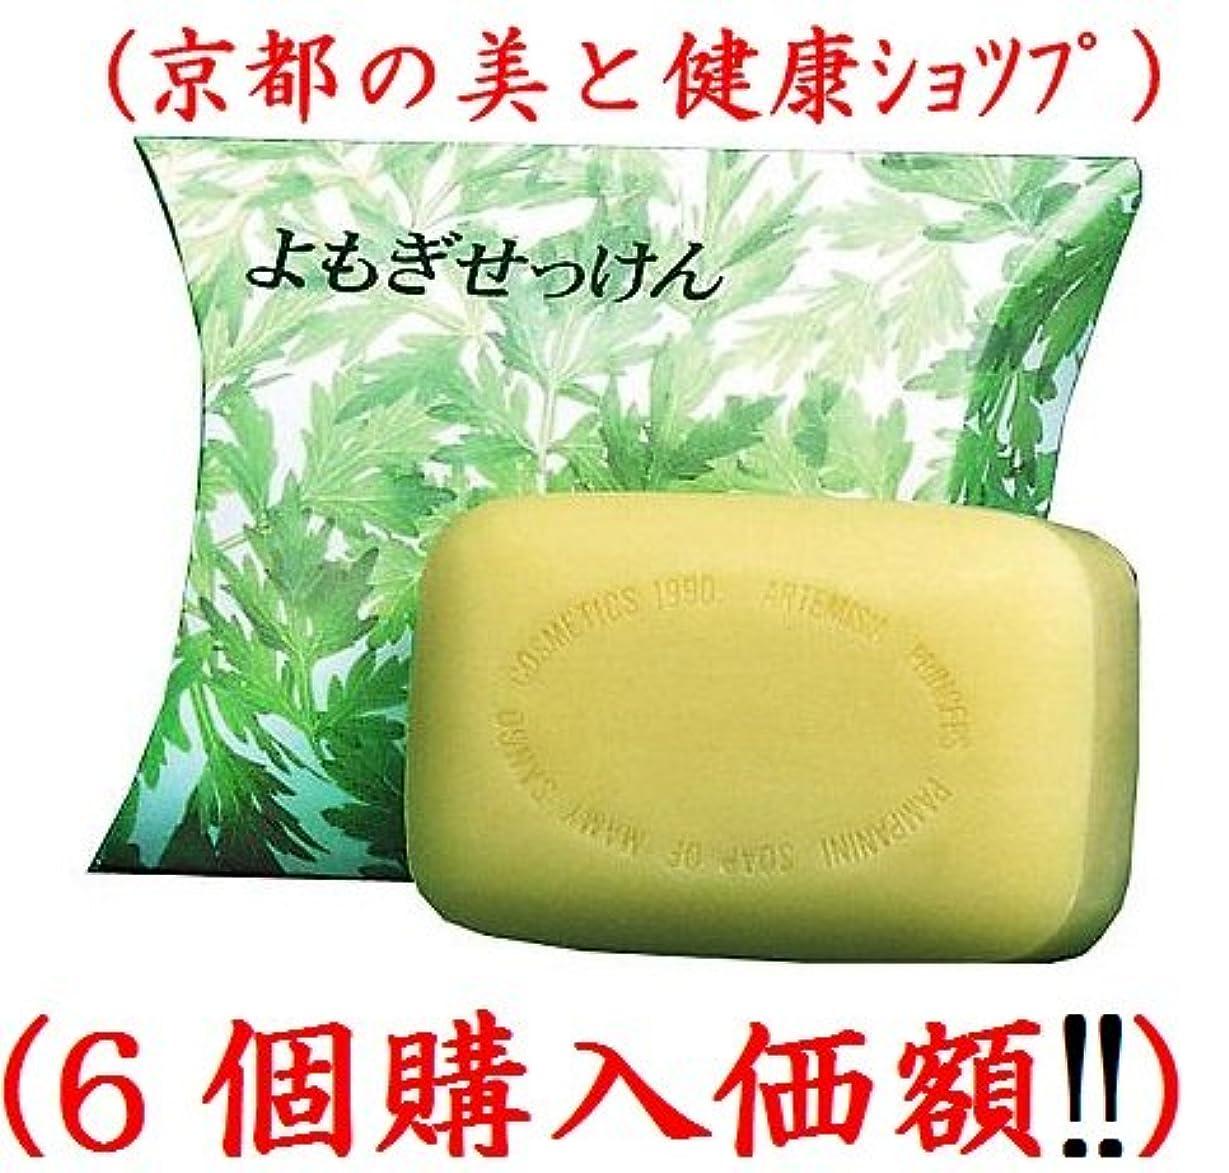 等価汚物告発者マミーサンゴソープAよもぎ石鹸95g(6個購入価額)